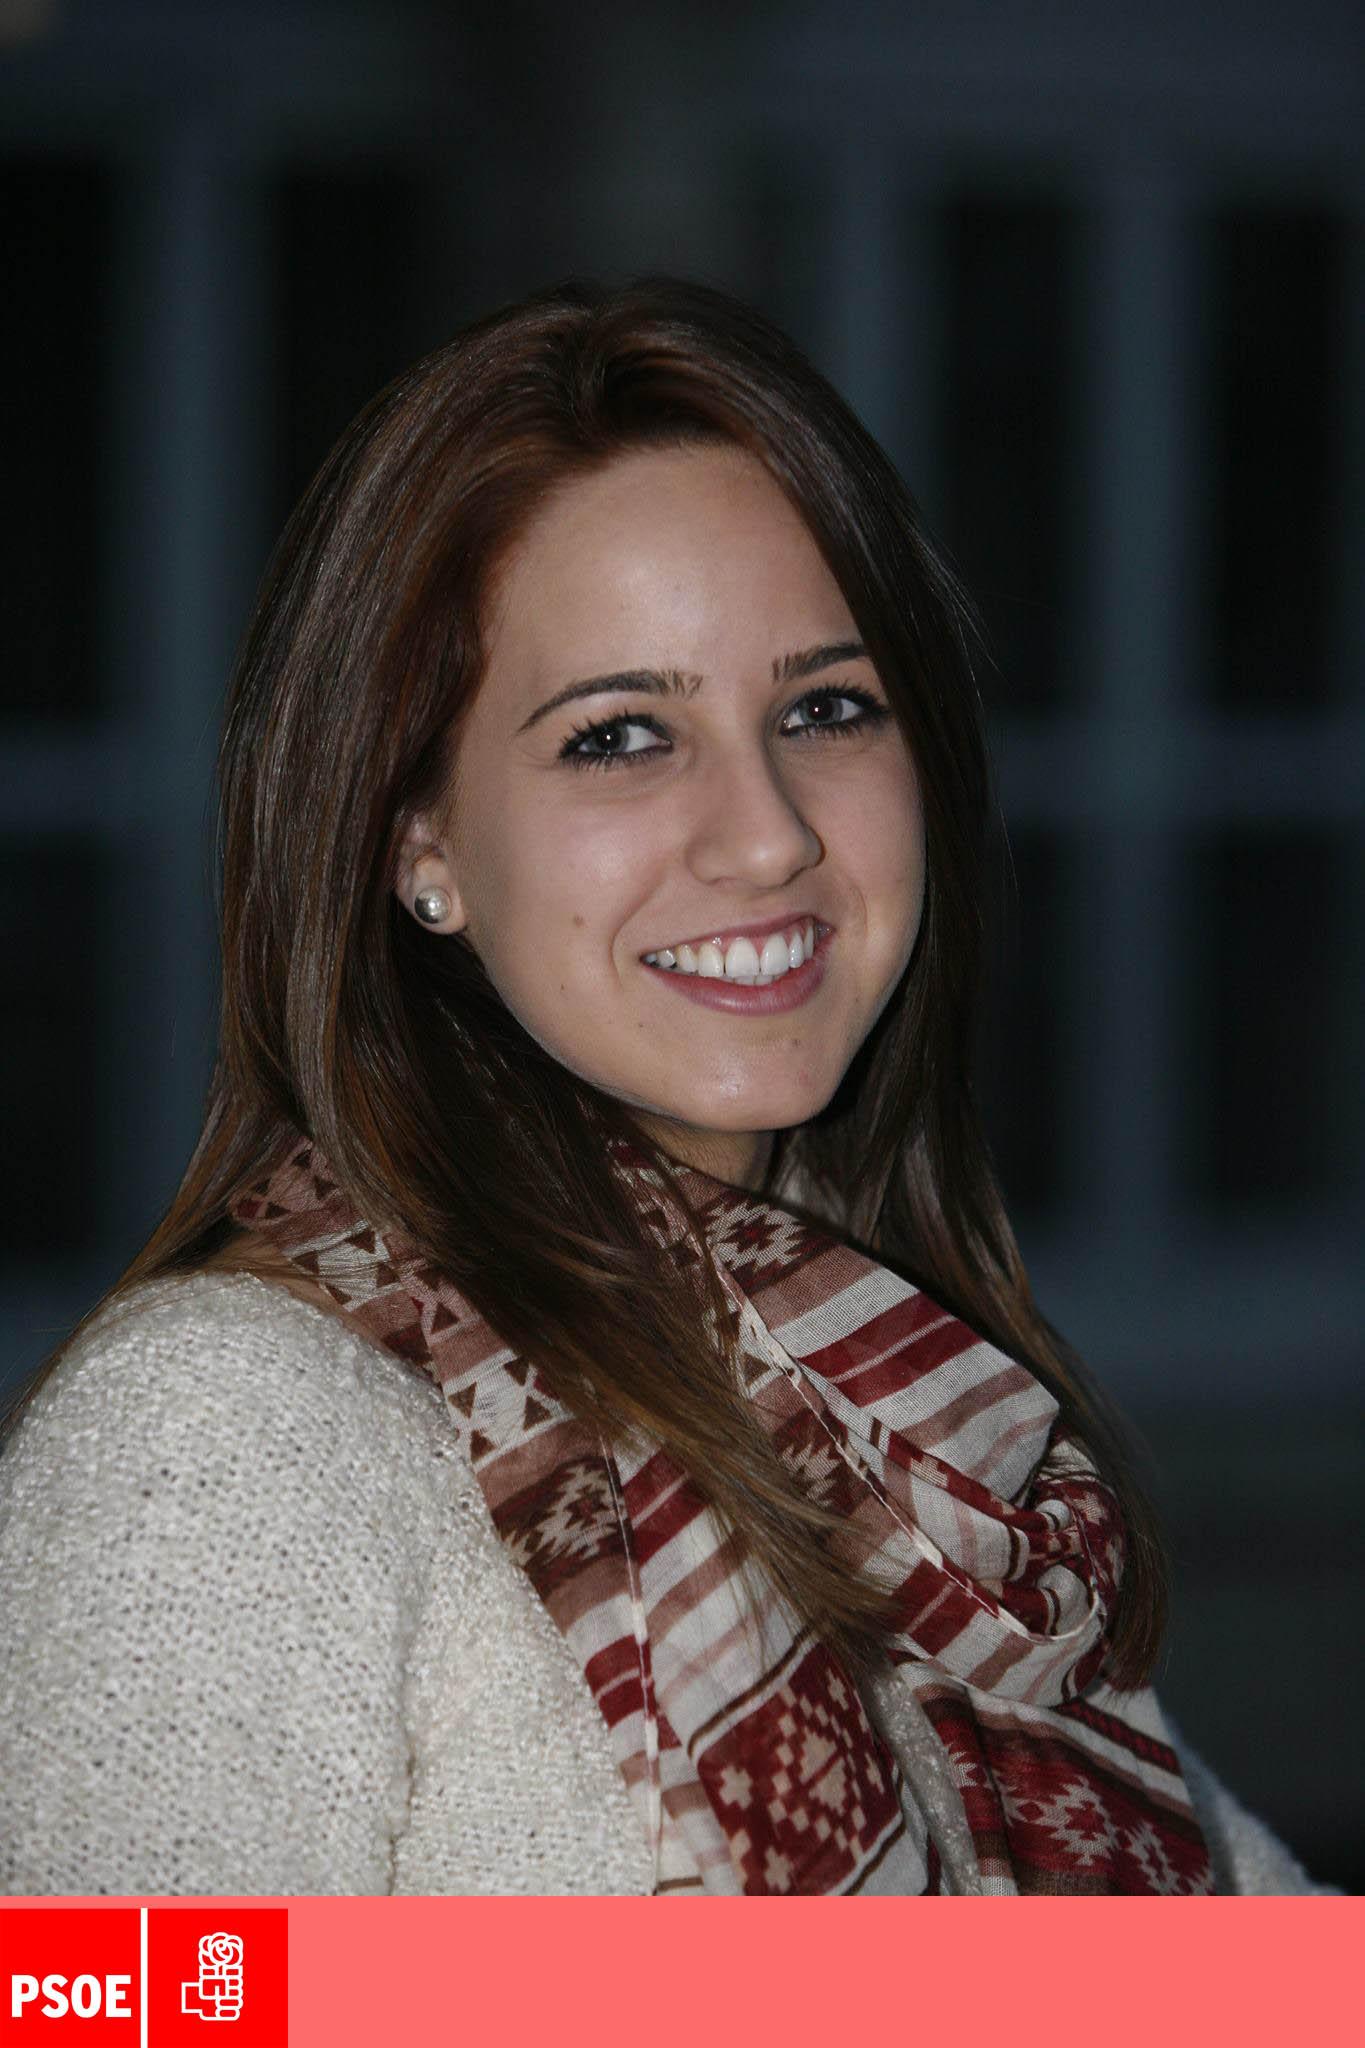 Nuria Serrano Vazquez